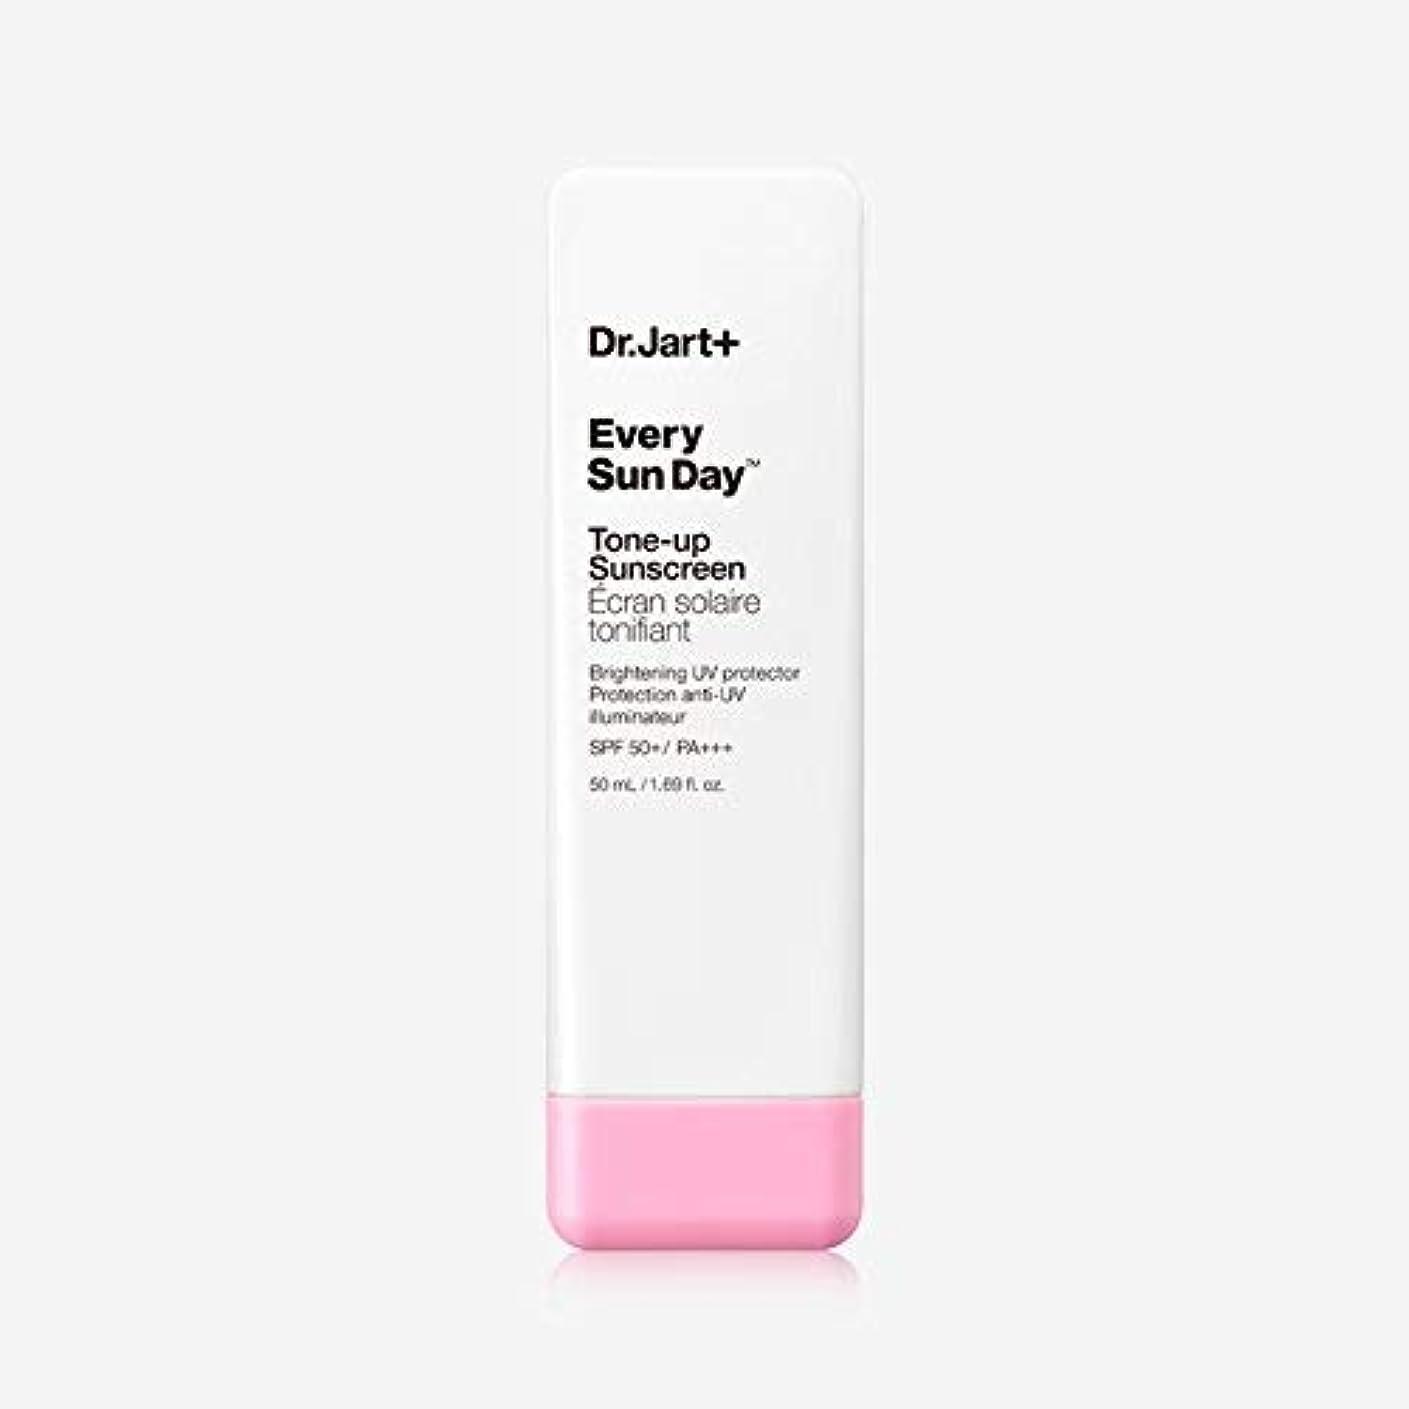 研究計算親密なDr.Jart+ Every Sun Day Tone-up Sunscreen SPF50+ PA+++ 50ml / ドクタージャルトゥエヴリサンデートーンアップサンスクリーンSPF50+PA+++50ml [並行輸入品]